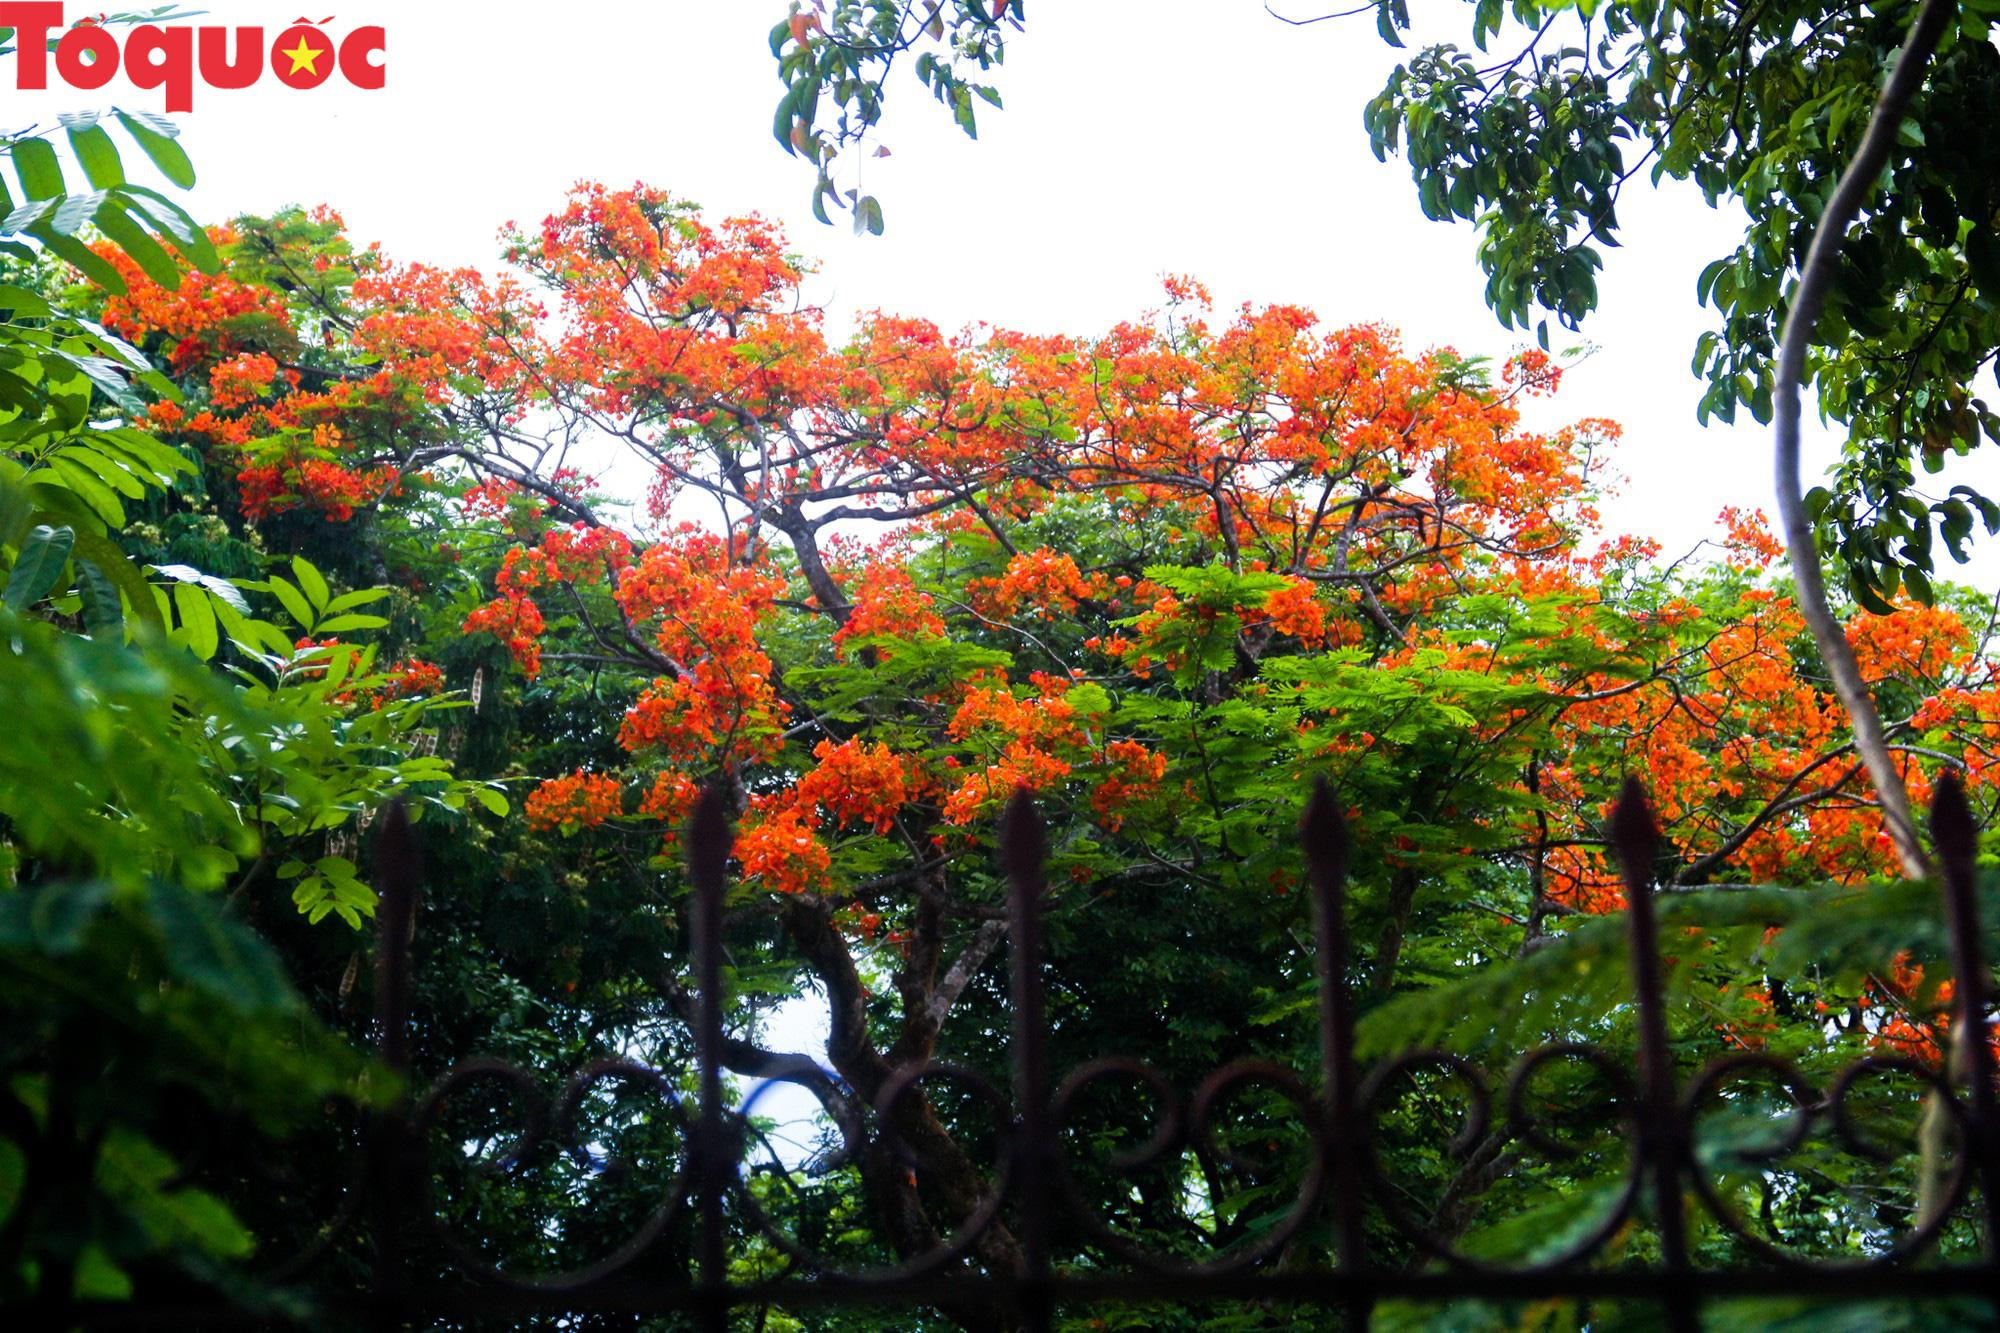 Đất trời xứ Huế đẹp rực rỡ trong mùa phượng vĩ nở hoa - Ảnh 5.